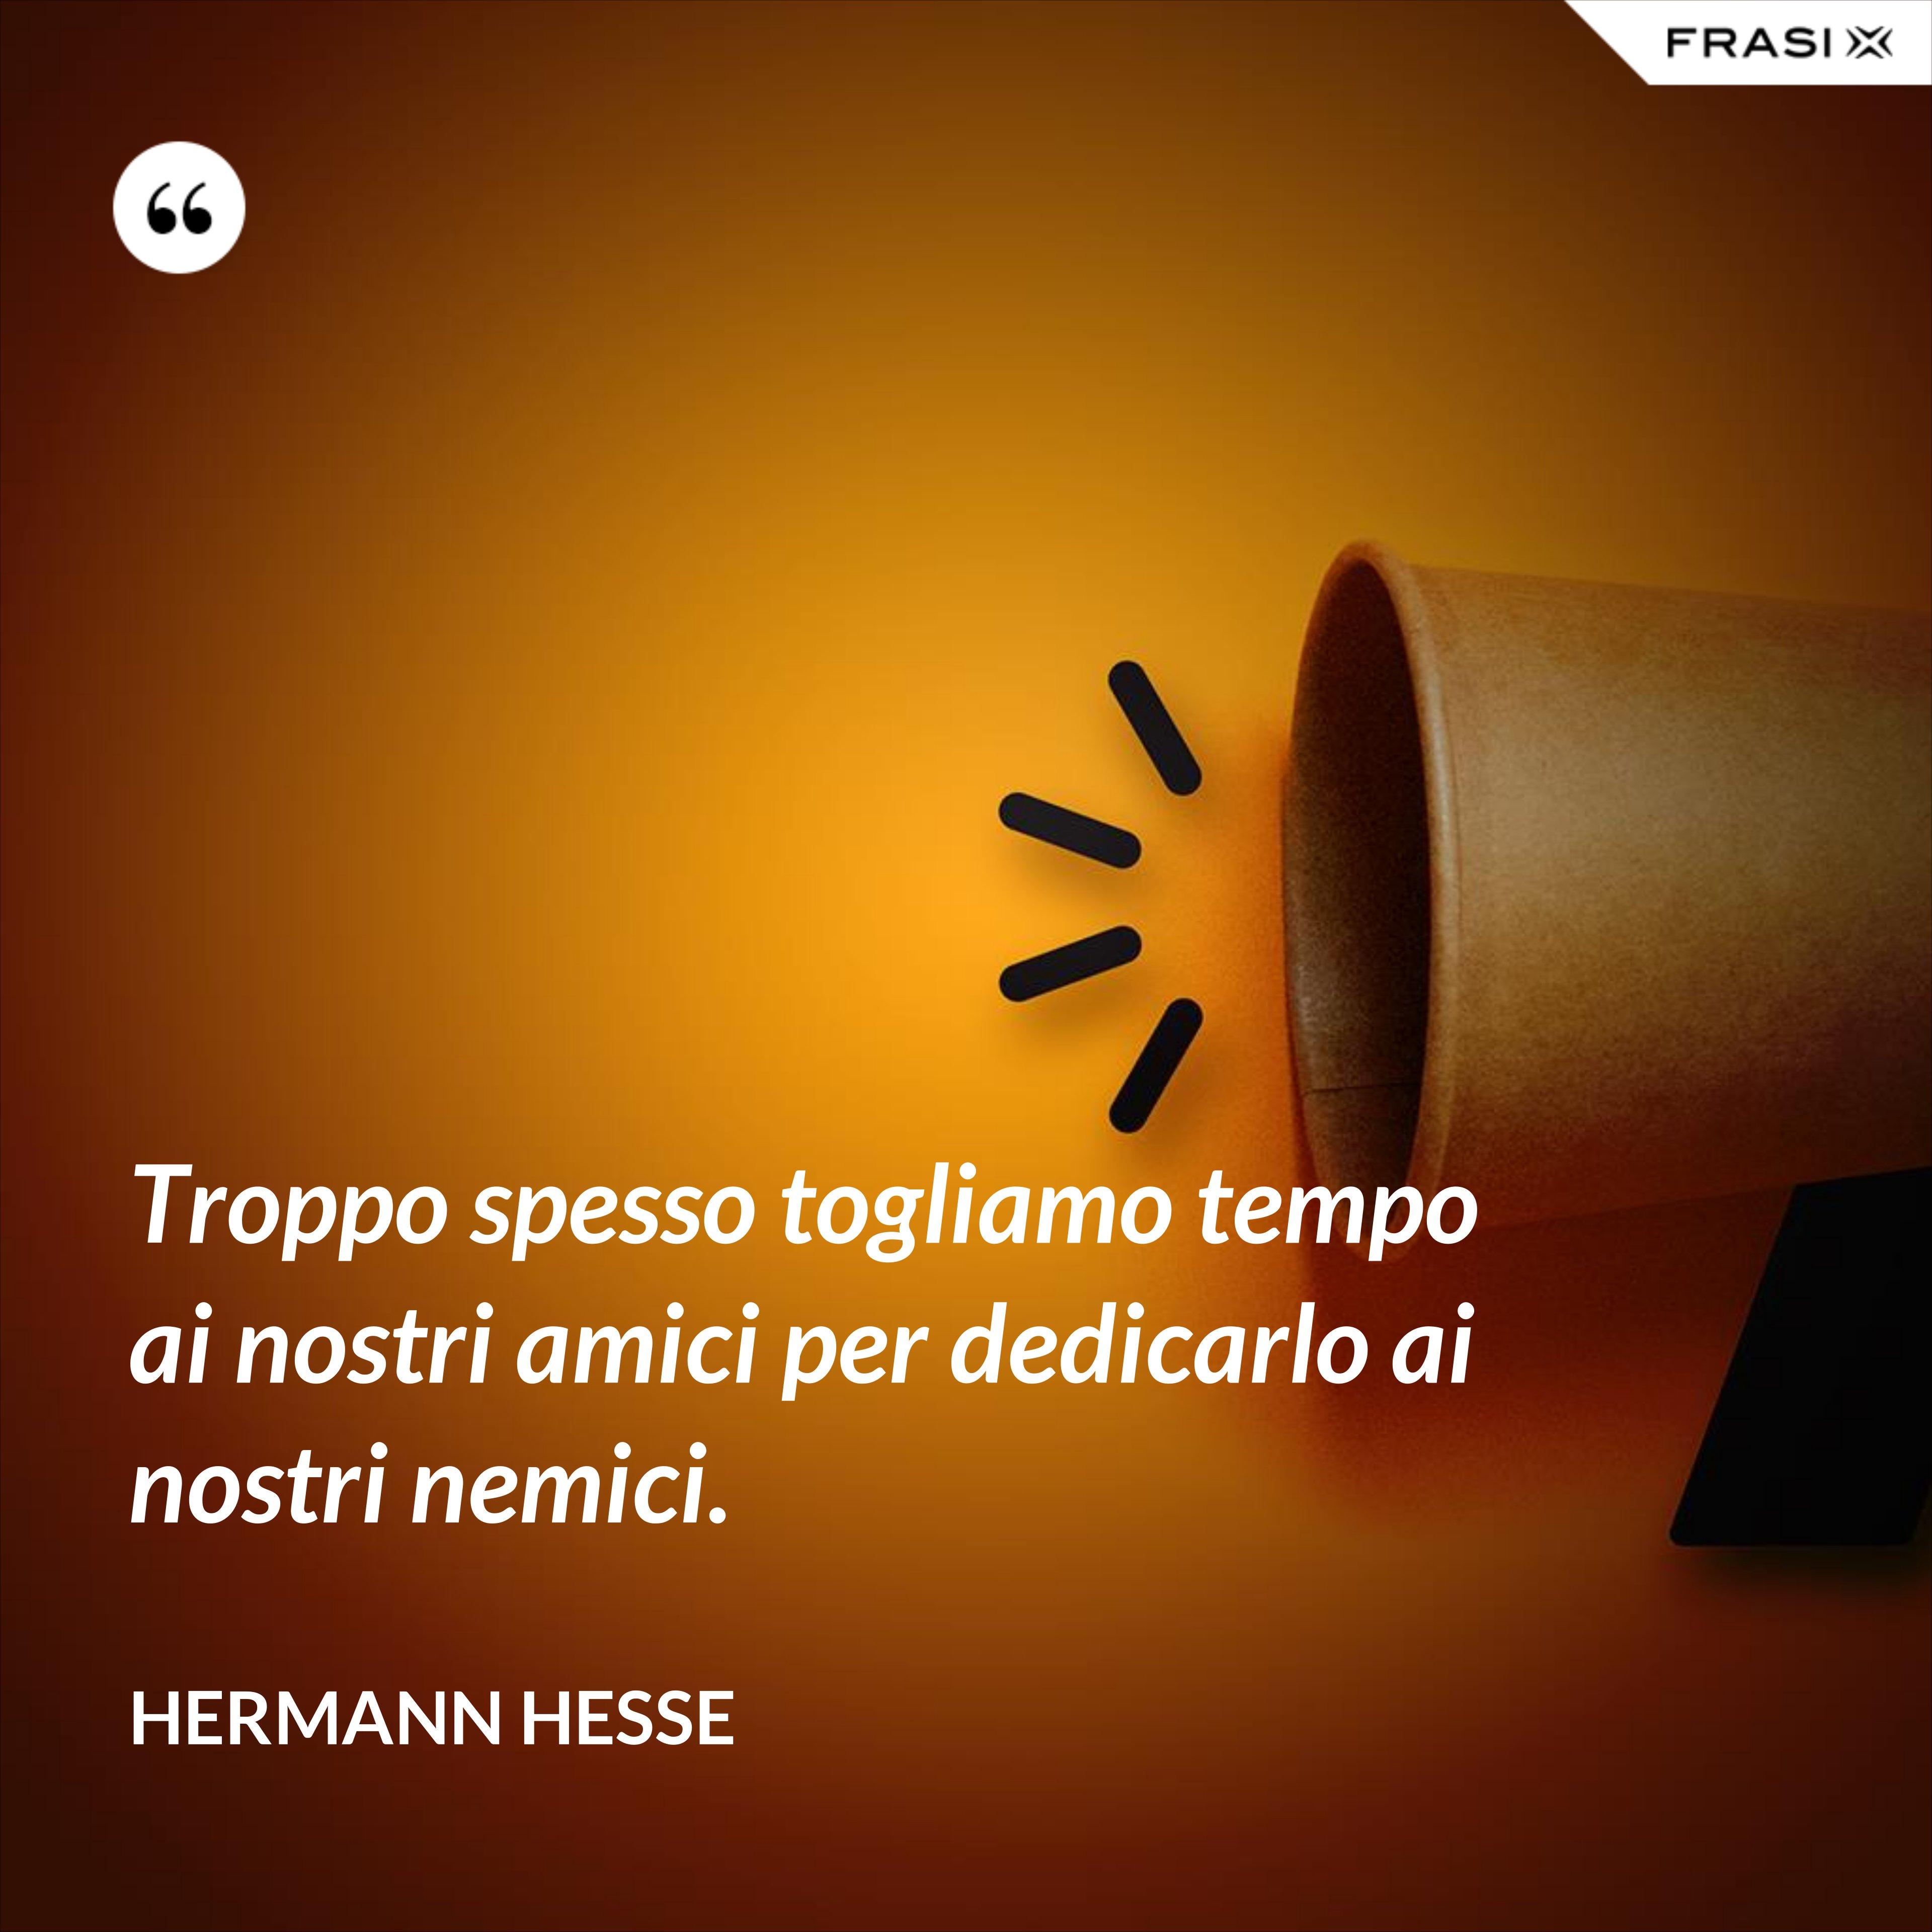 Troppo spesso togliamo tempo ai nostri amici per dedicarlo ai nostri nemici. - Hermann Hesse